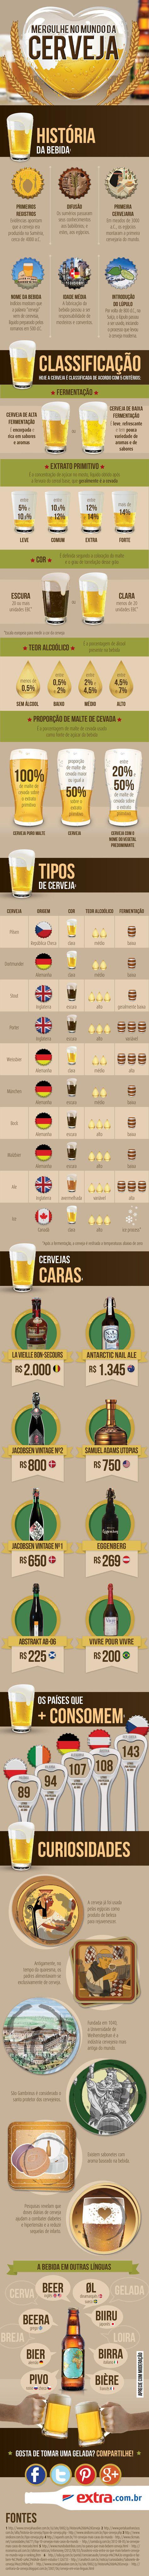 Pin De Santyago De Lima Em Cervejas E Afins Cerveja Fabricacao